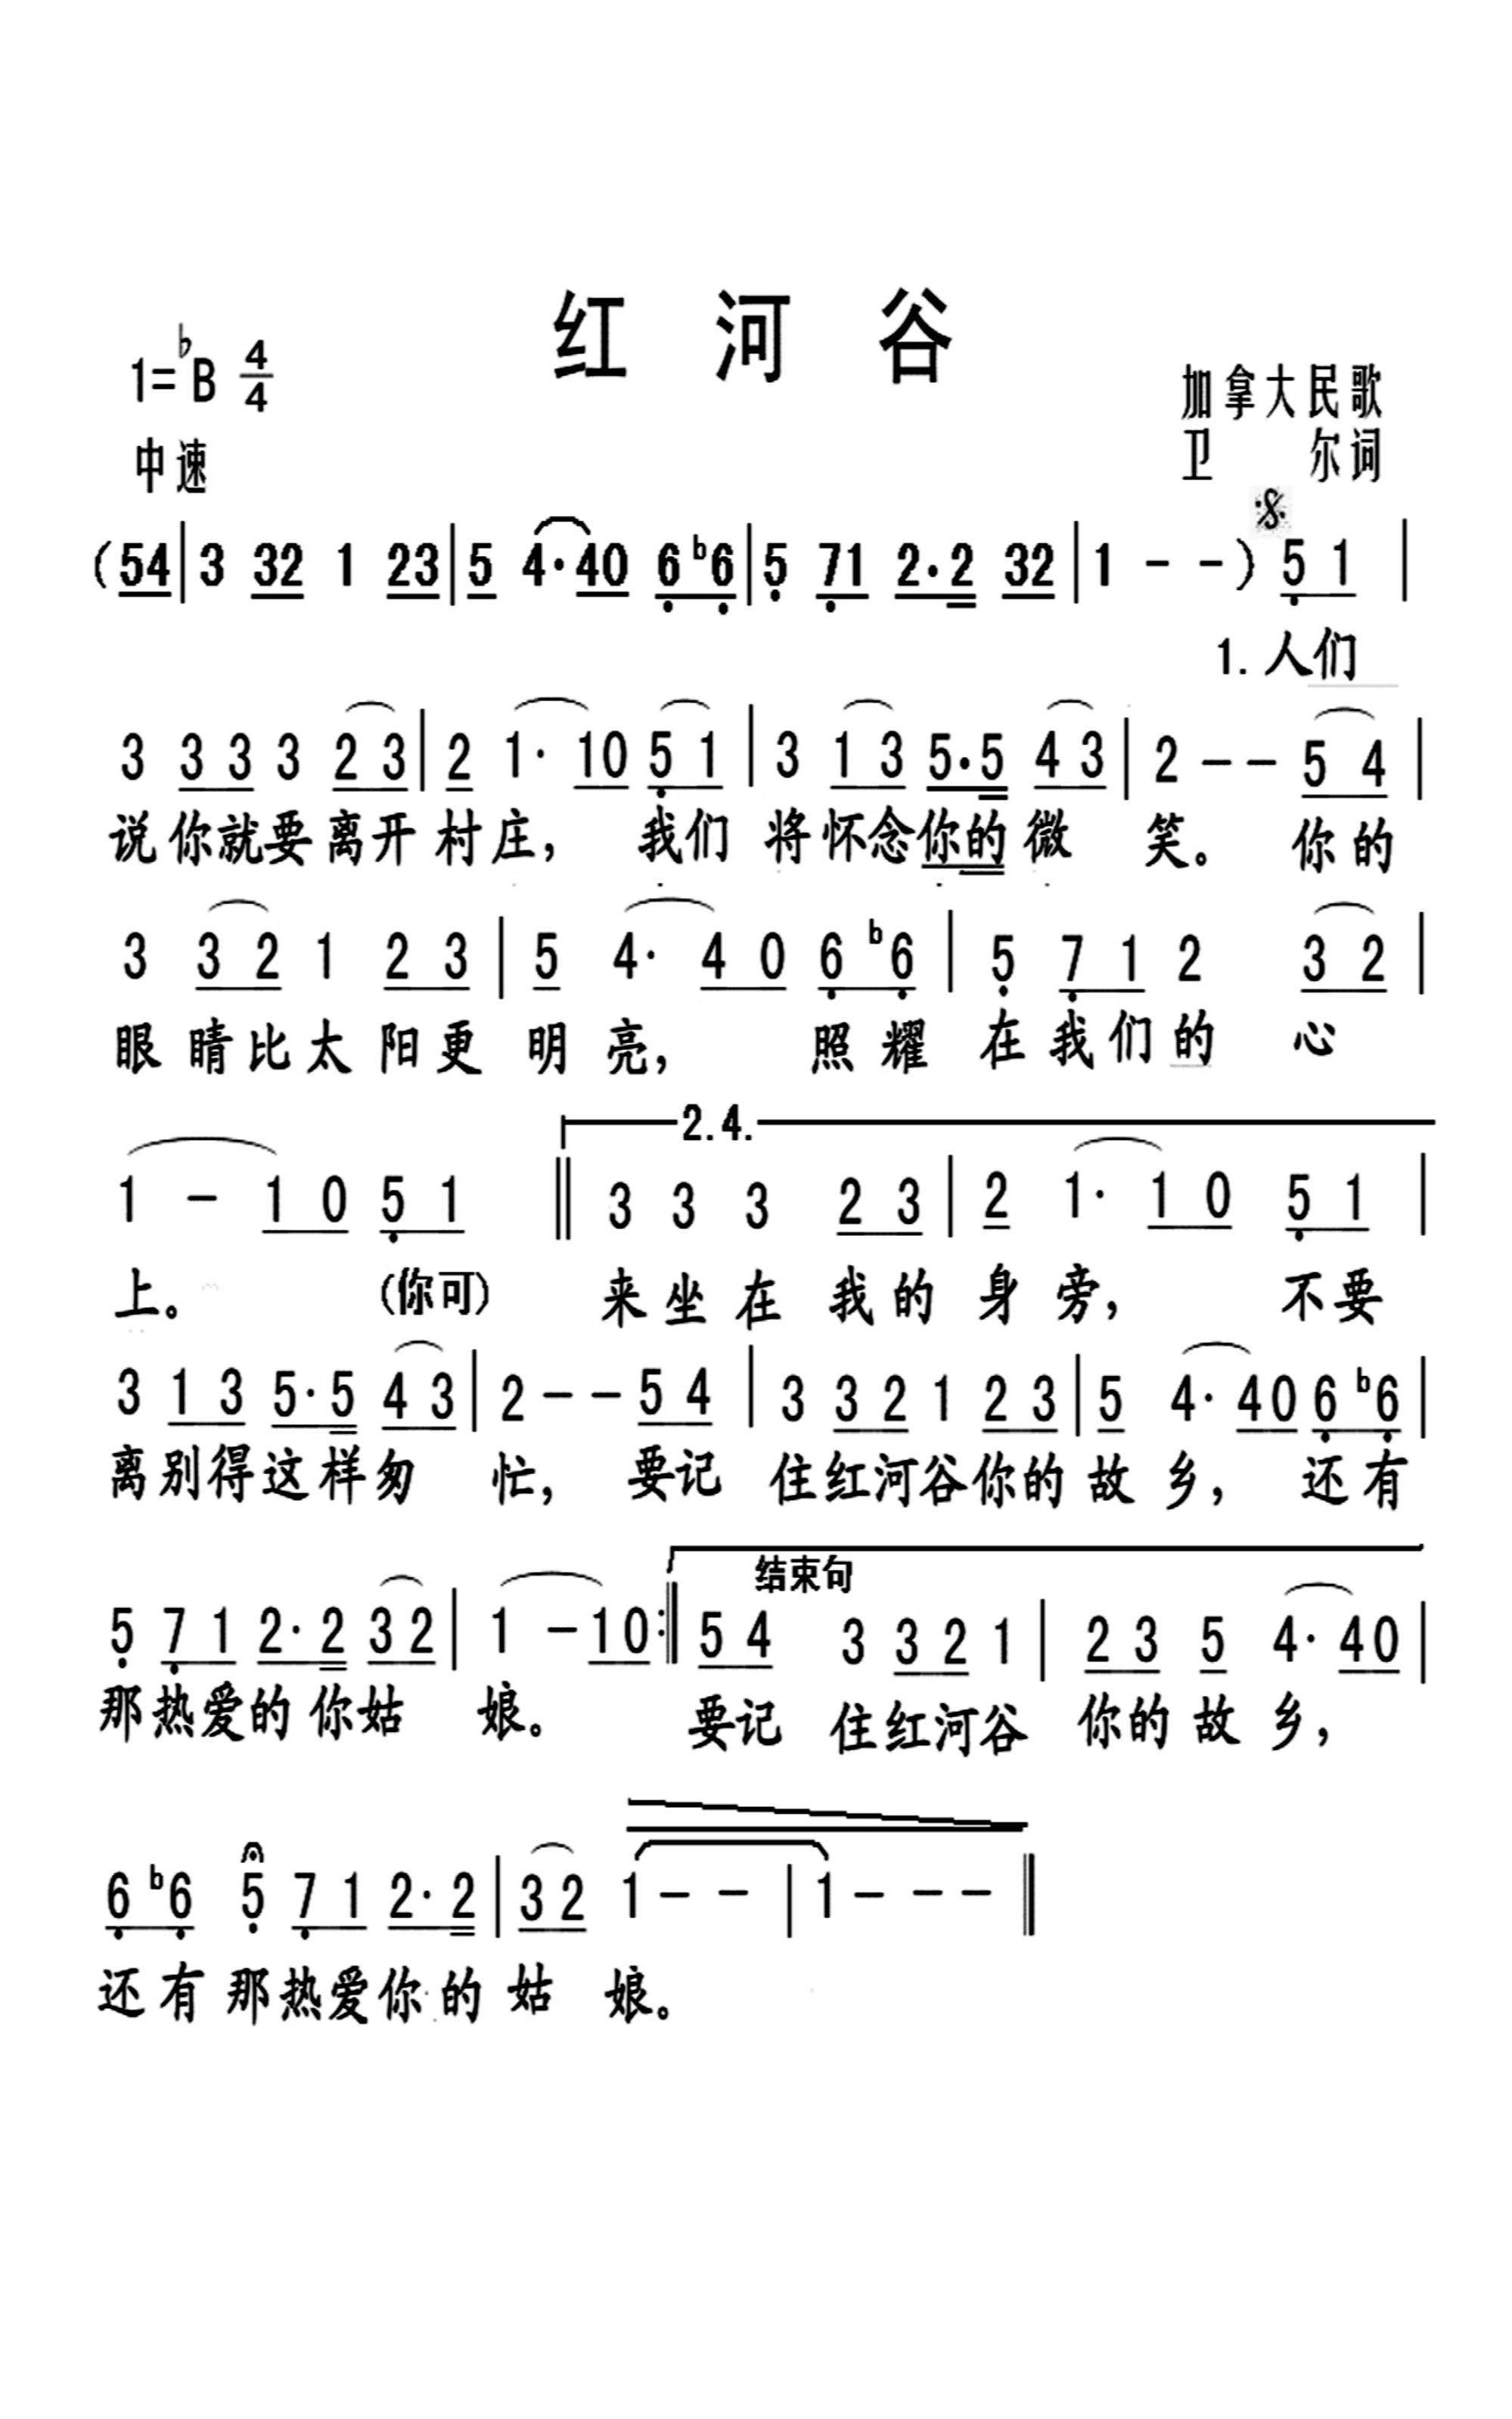 红河谷--葫芦丝简谱(编曲 混缩)tiger1950